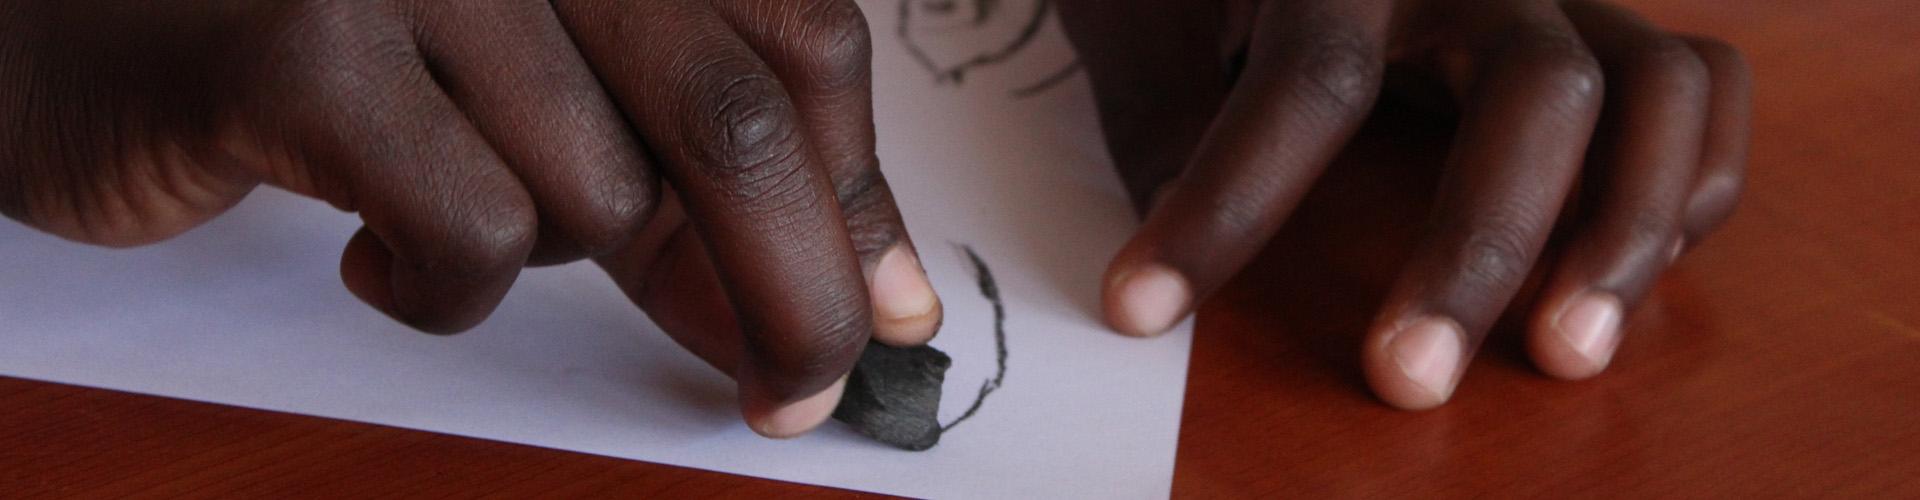 Genesis Umbrella To Empower All - GUTEALL Child Creative